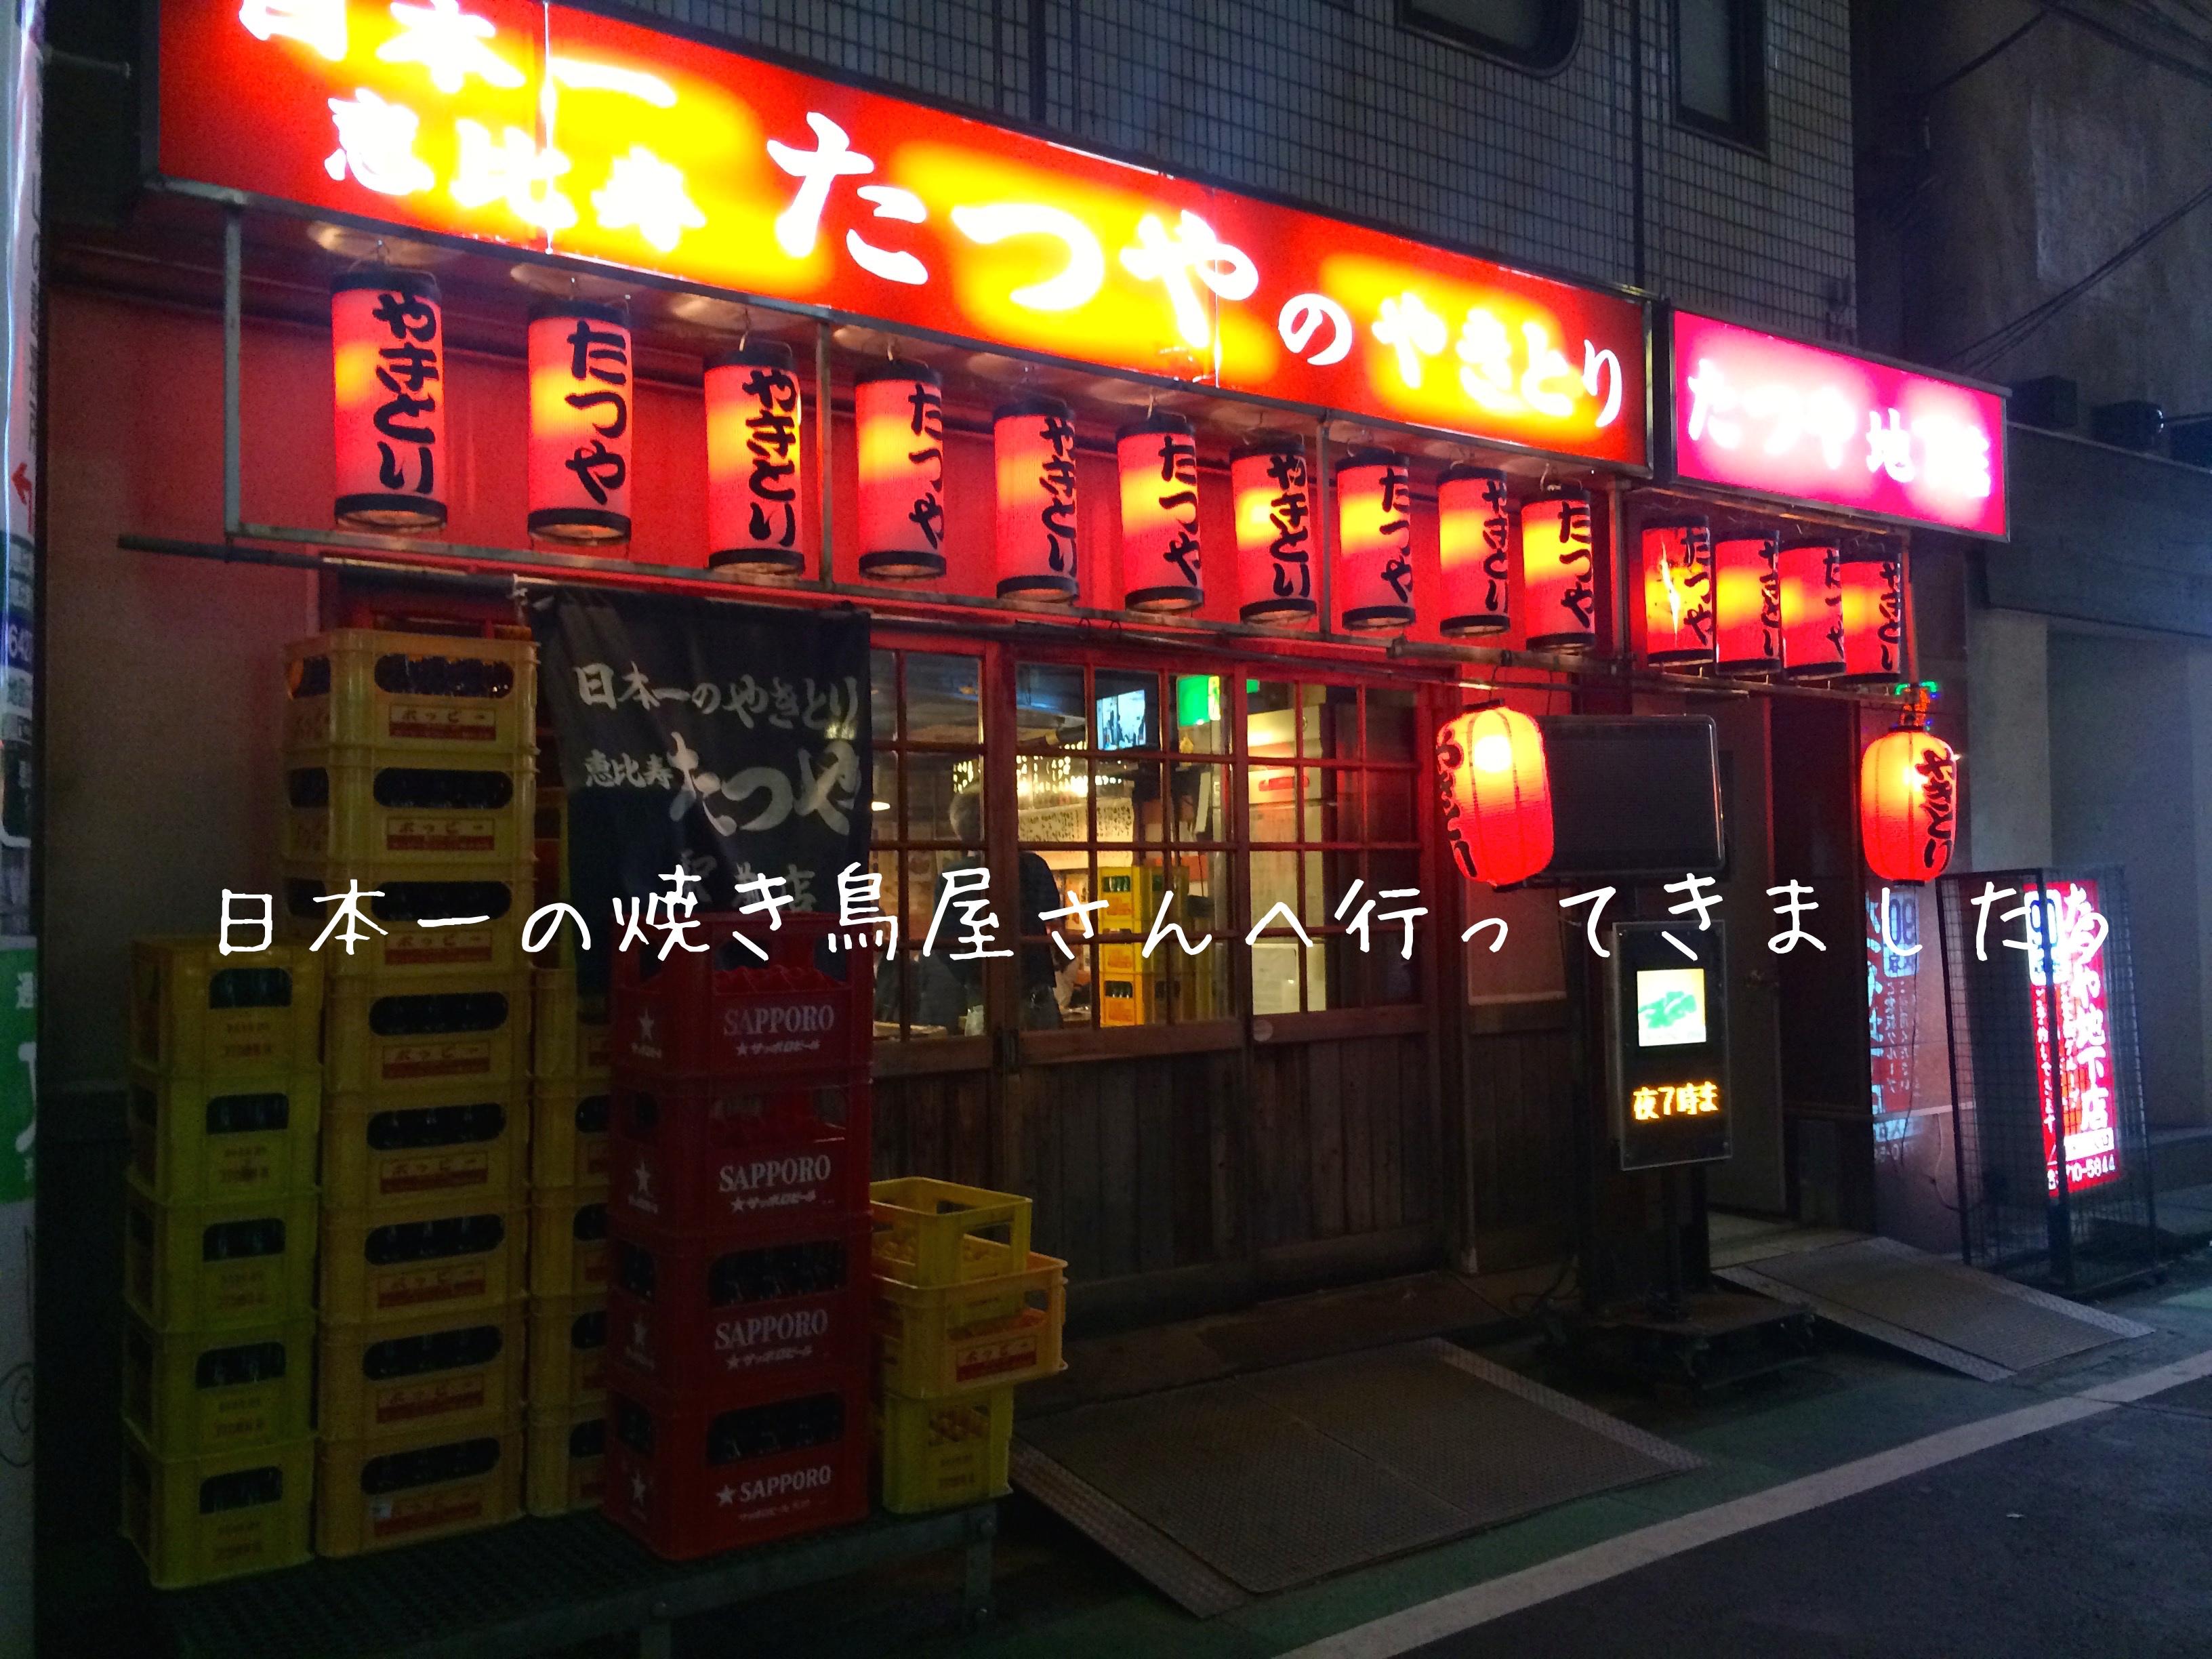 たつや 恵比寿にある日本一の焼き鳥のお店